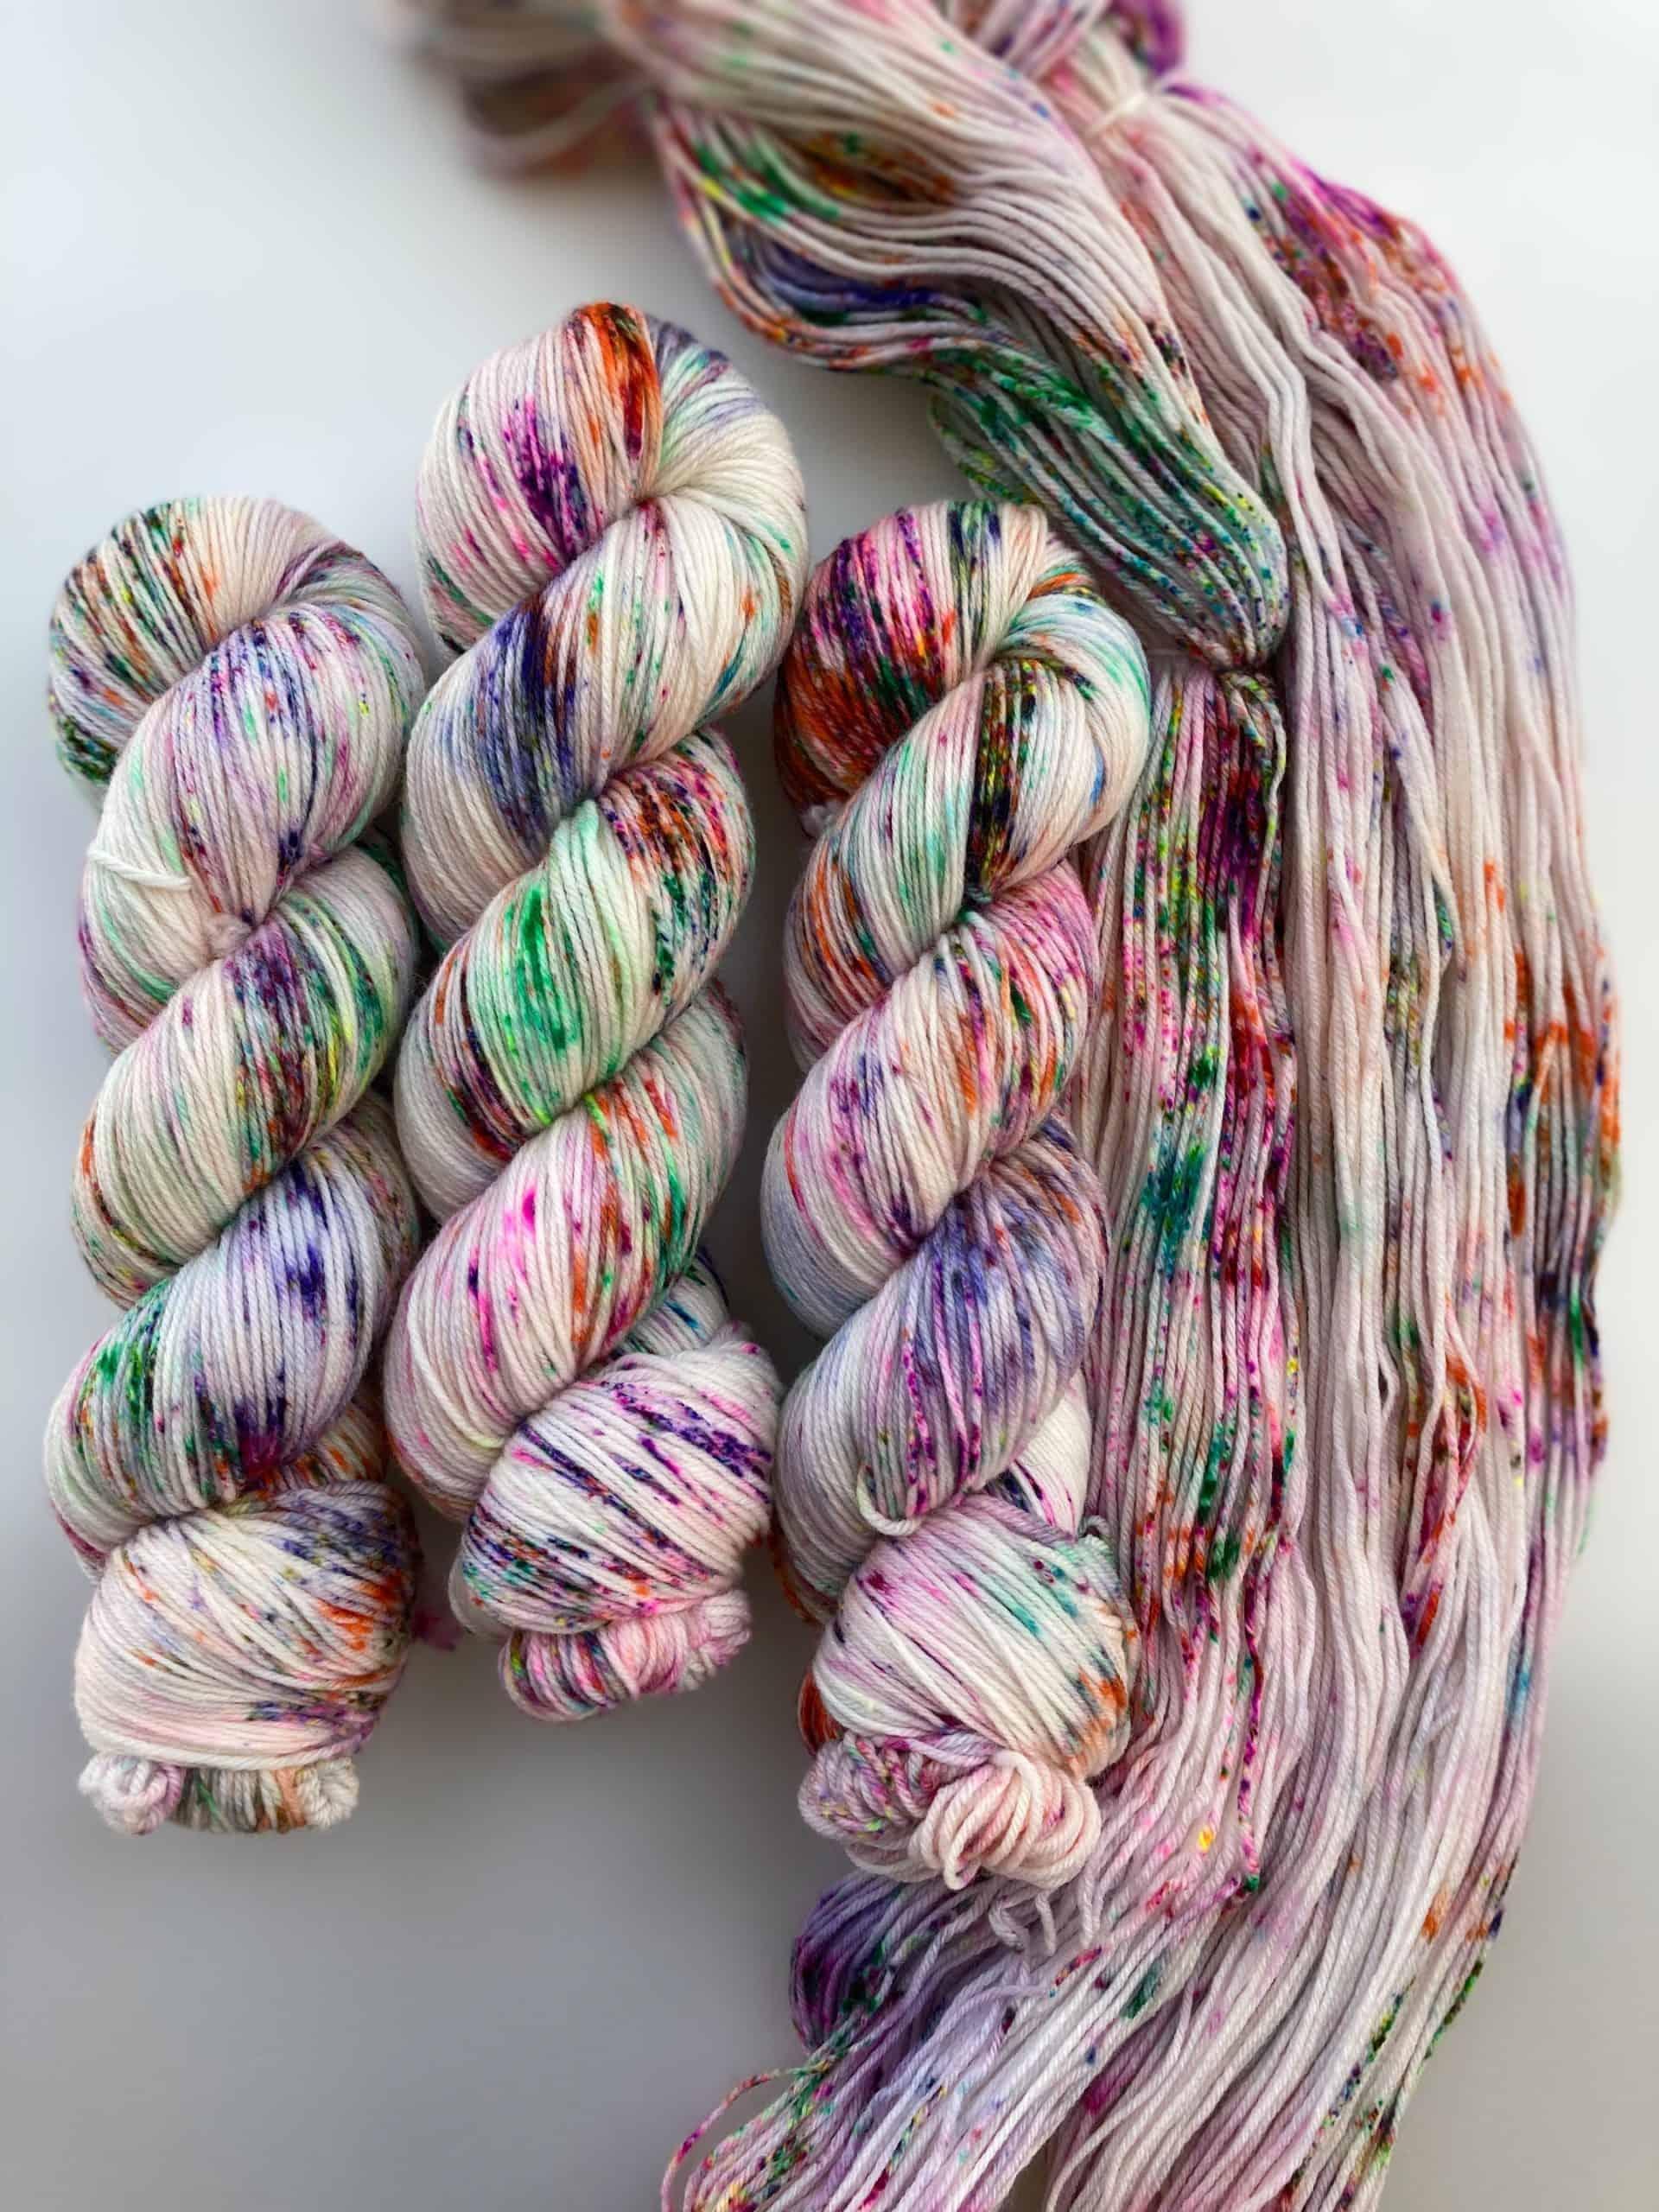 Rainbow speckled yarn.